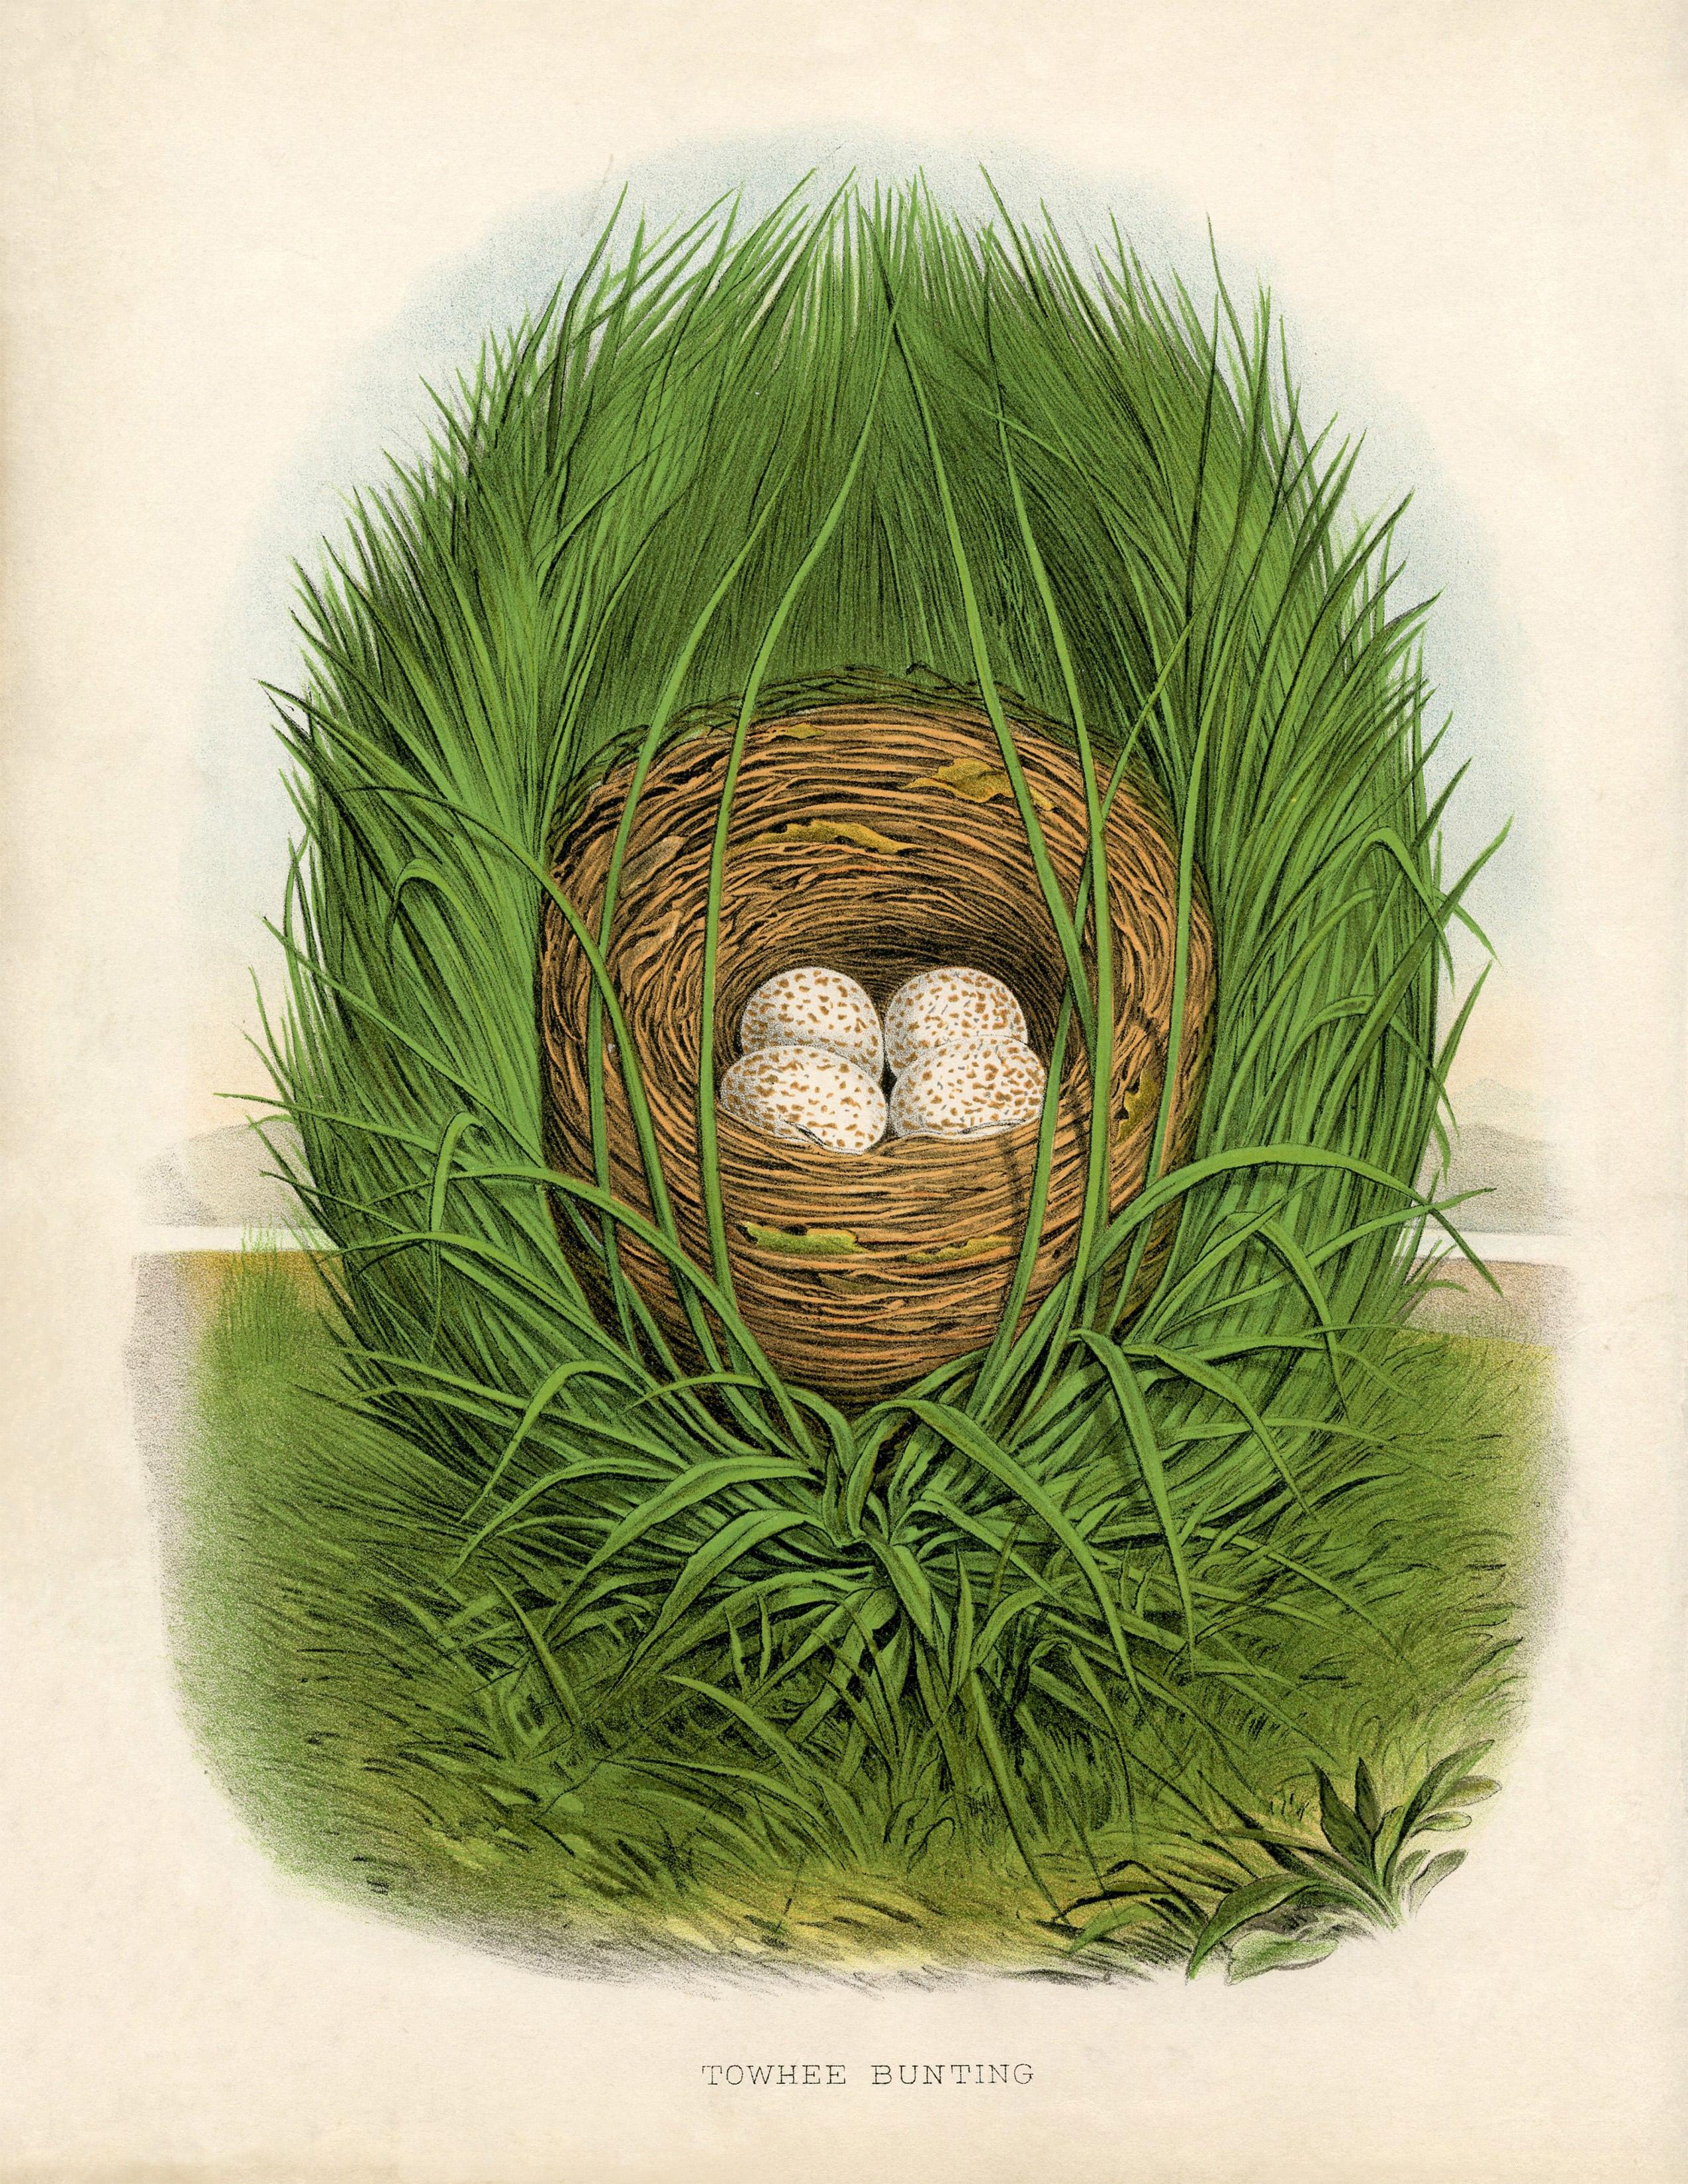 Гнездо птицы towhee bunting (овсянка) - винтажный рисунок